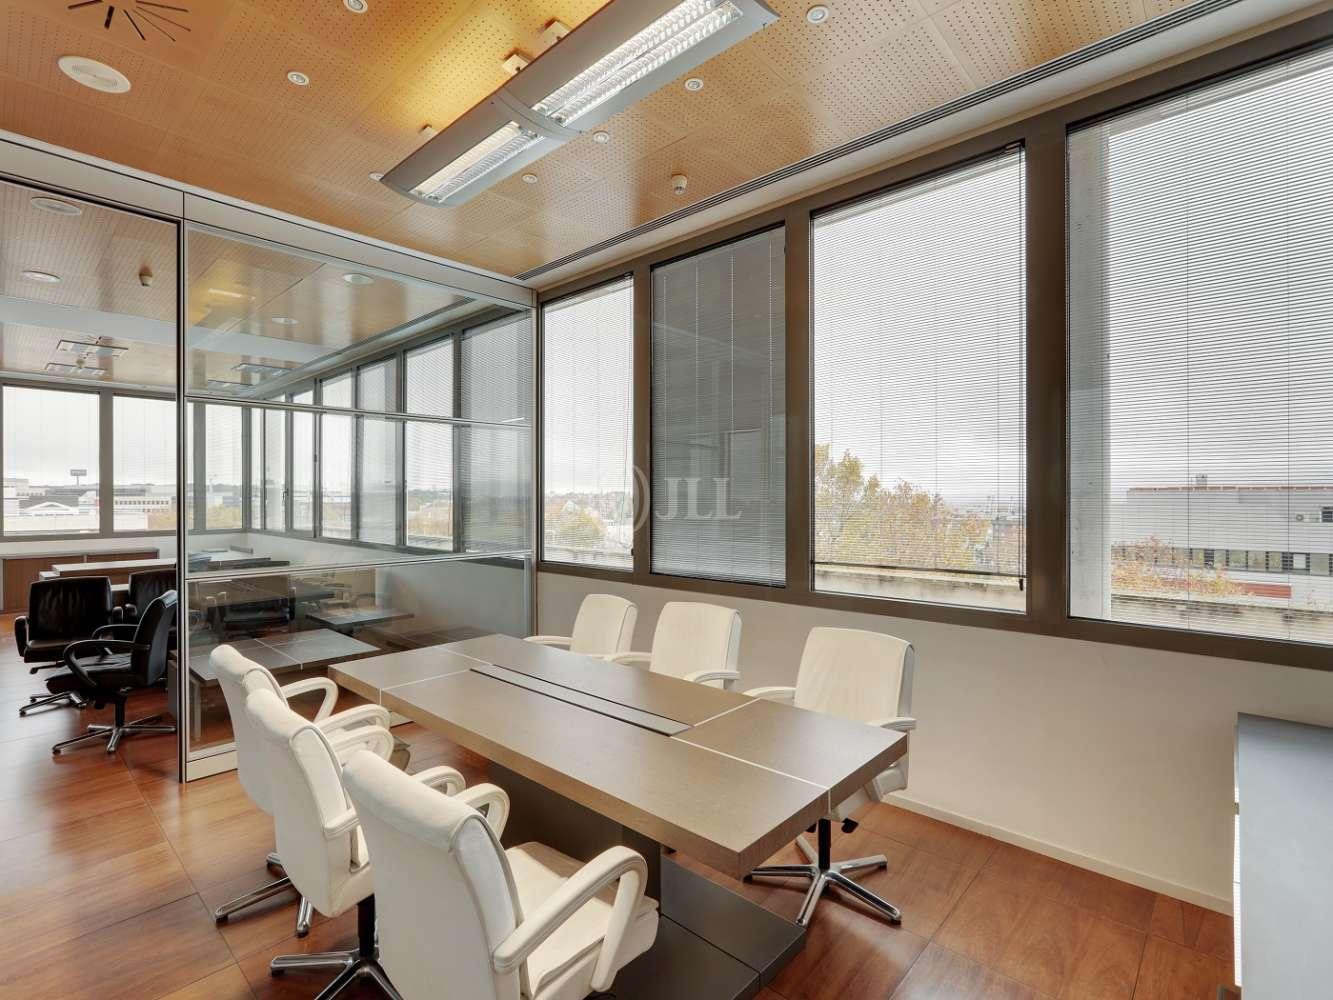 Oficina Las rozas de madrid, 28232 - Edificio 1 - 23177